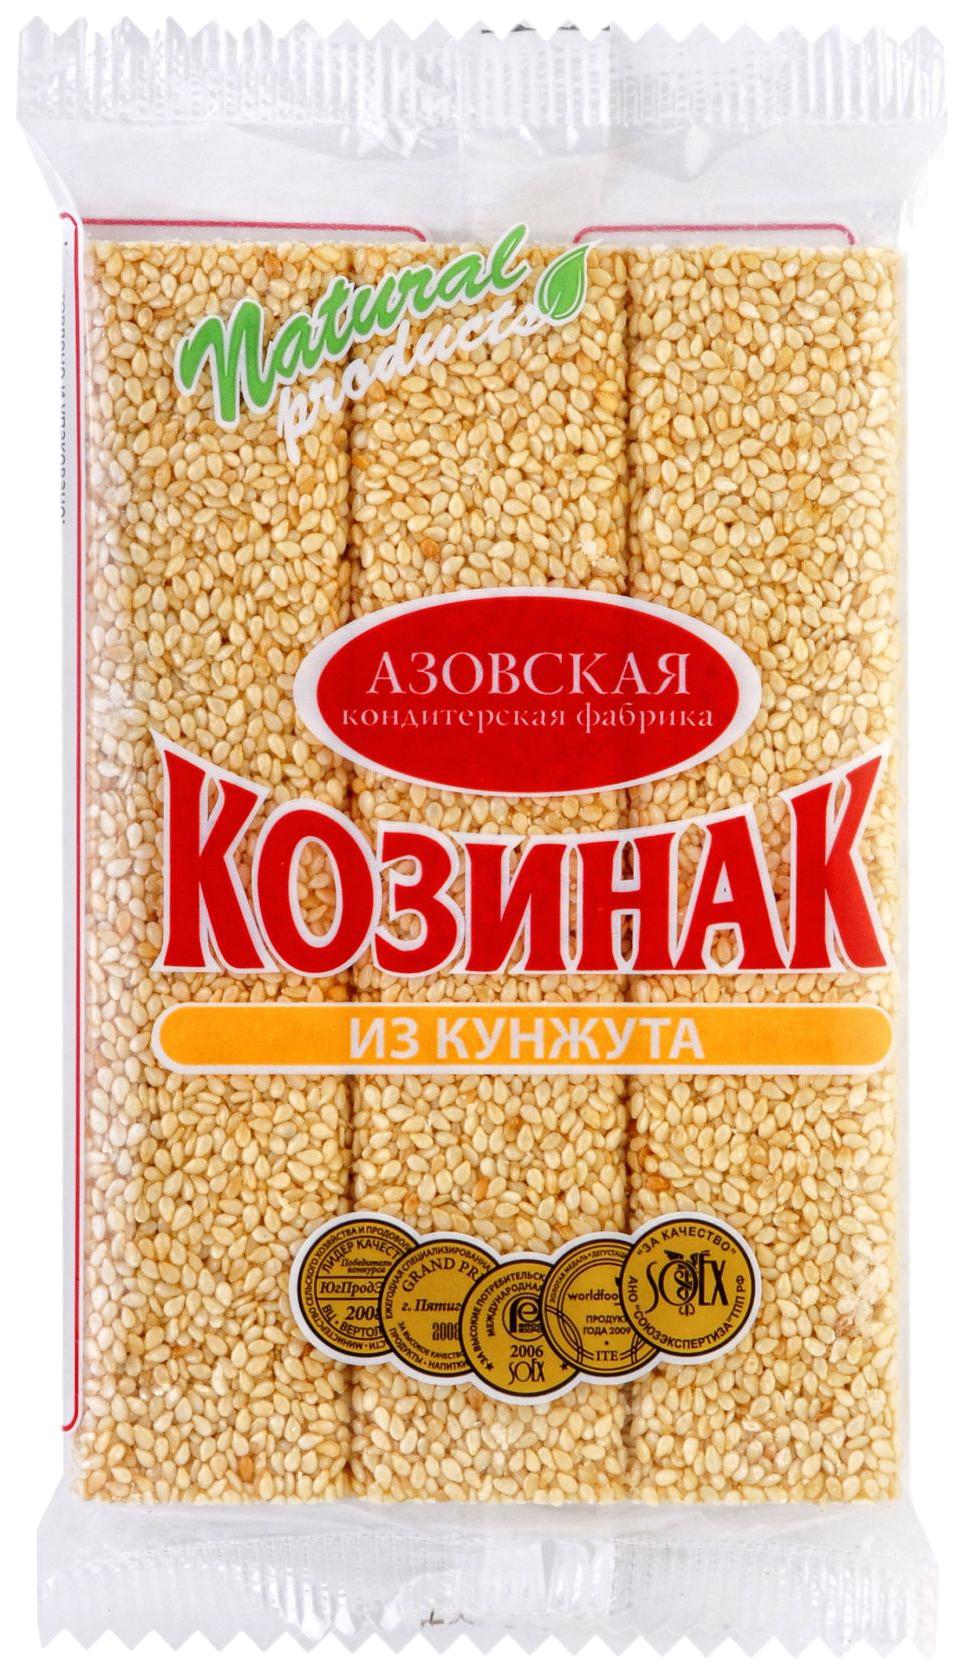 Козинак из кунжута Азовская кондитерская фабрика 150 г фото